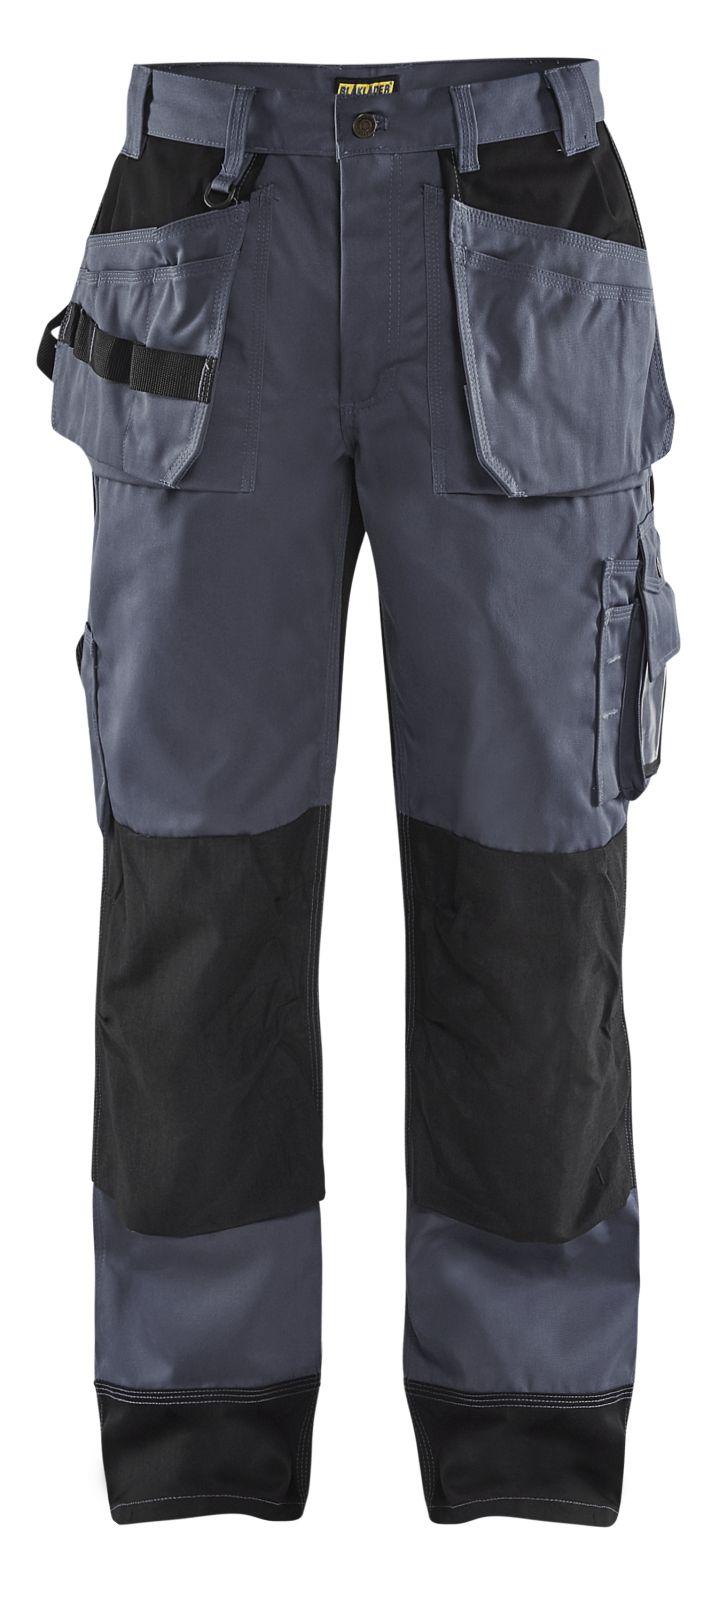 Blaklader Werkbroeken 15031860 grijs-zwart(9499)